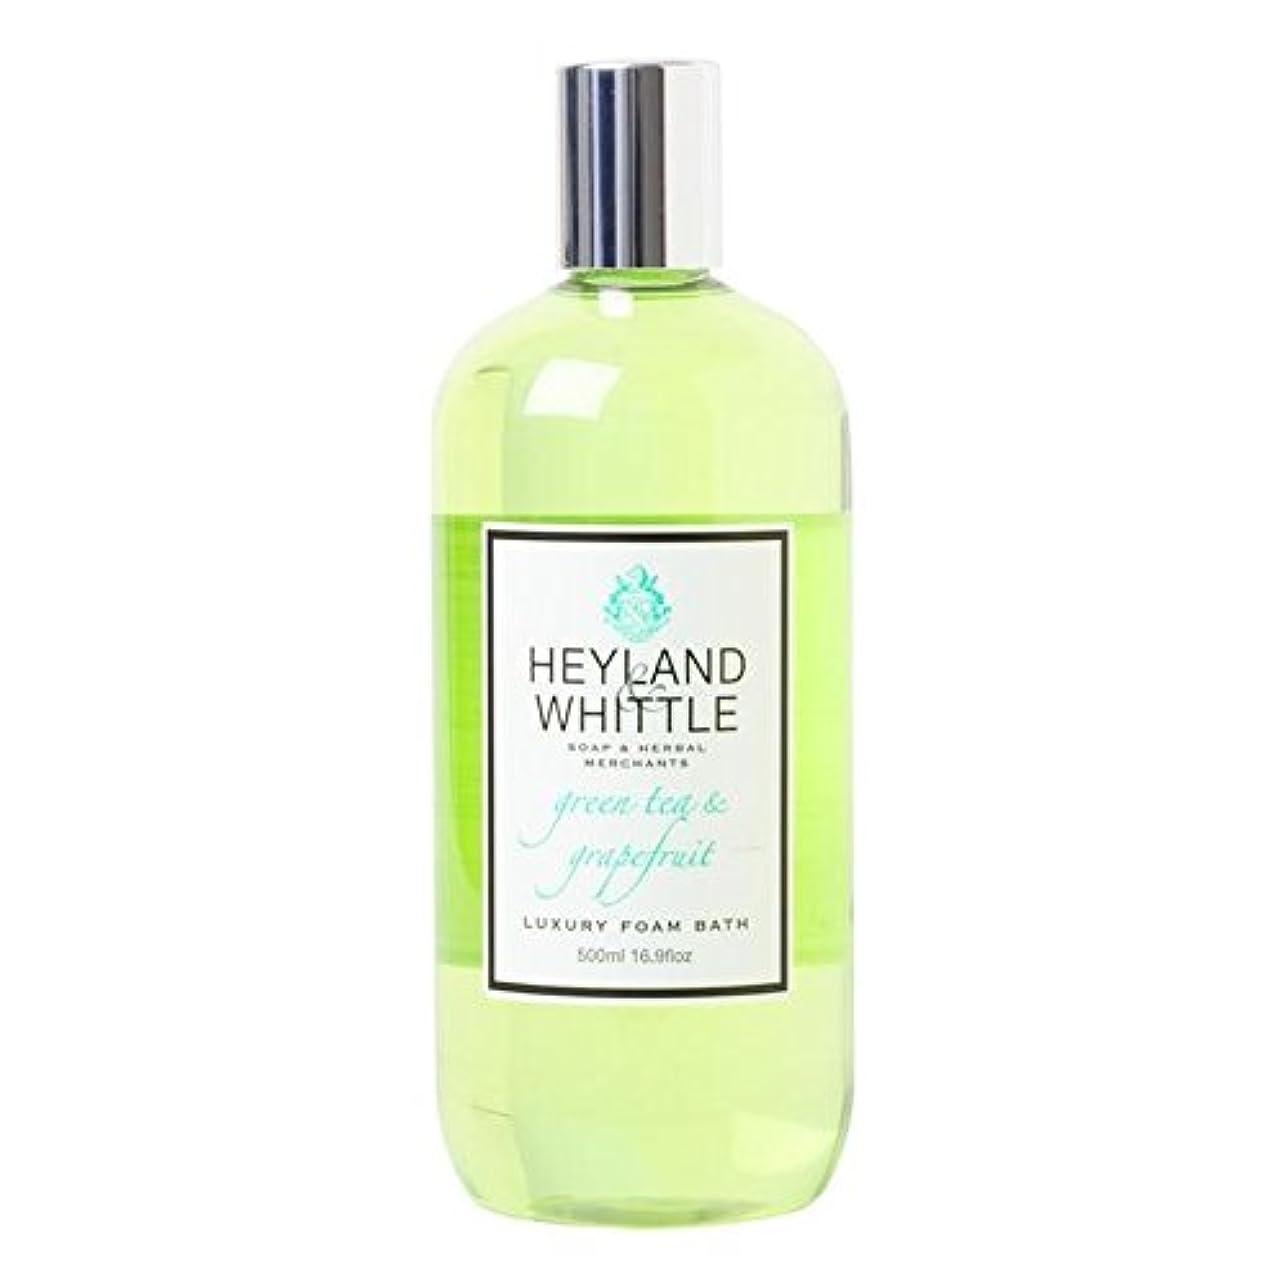 定期的な熱心親愛な&削るグリーンティ&グレープフルーツ泡風呂500ミリリットル x2 - Heyland & Whittle Greentea & Grapefruit Foam Bath 500ml (Pack of 2) [並行輸入品]